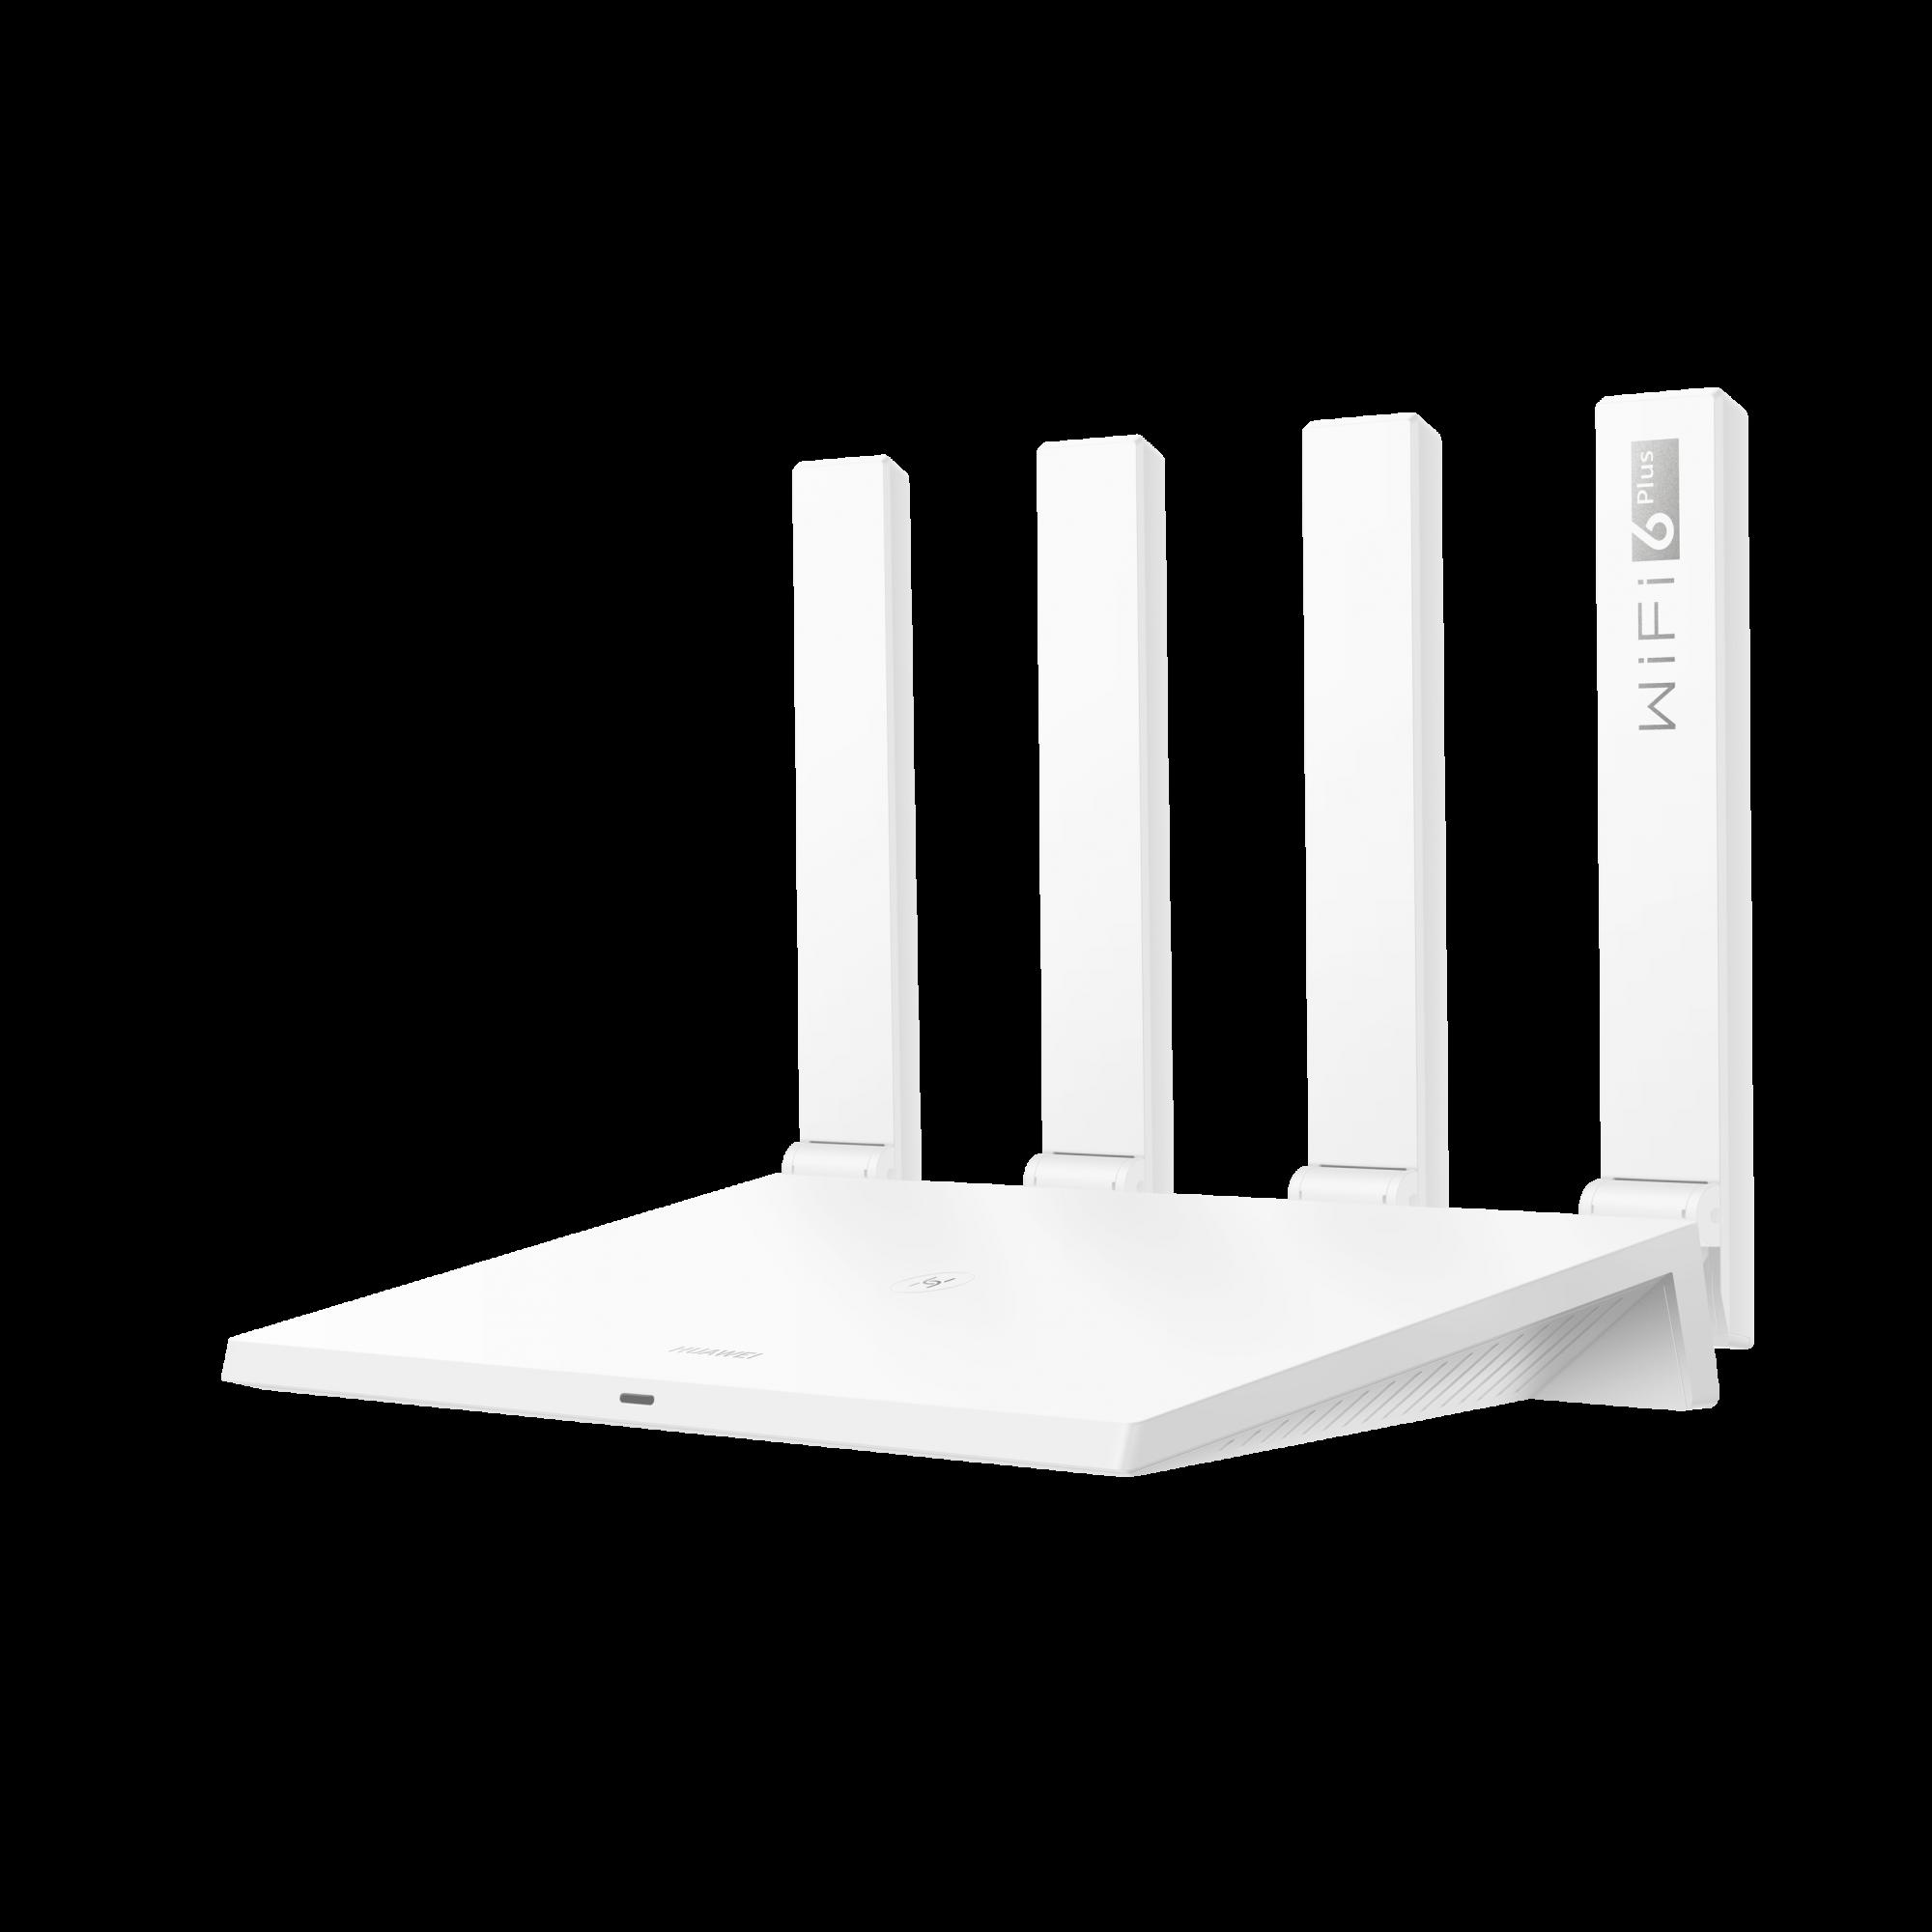 HUAWEI-WiFi-AX3-7